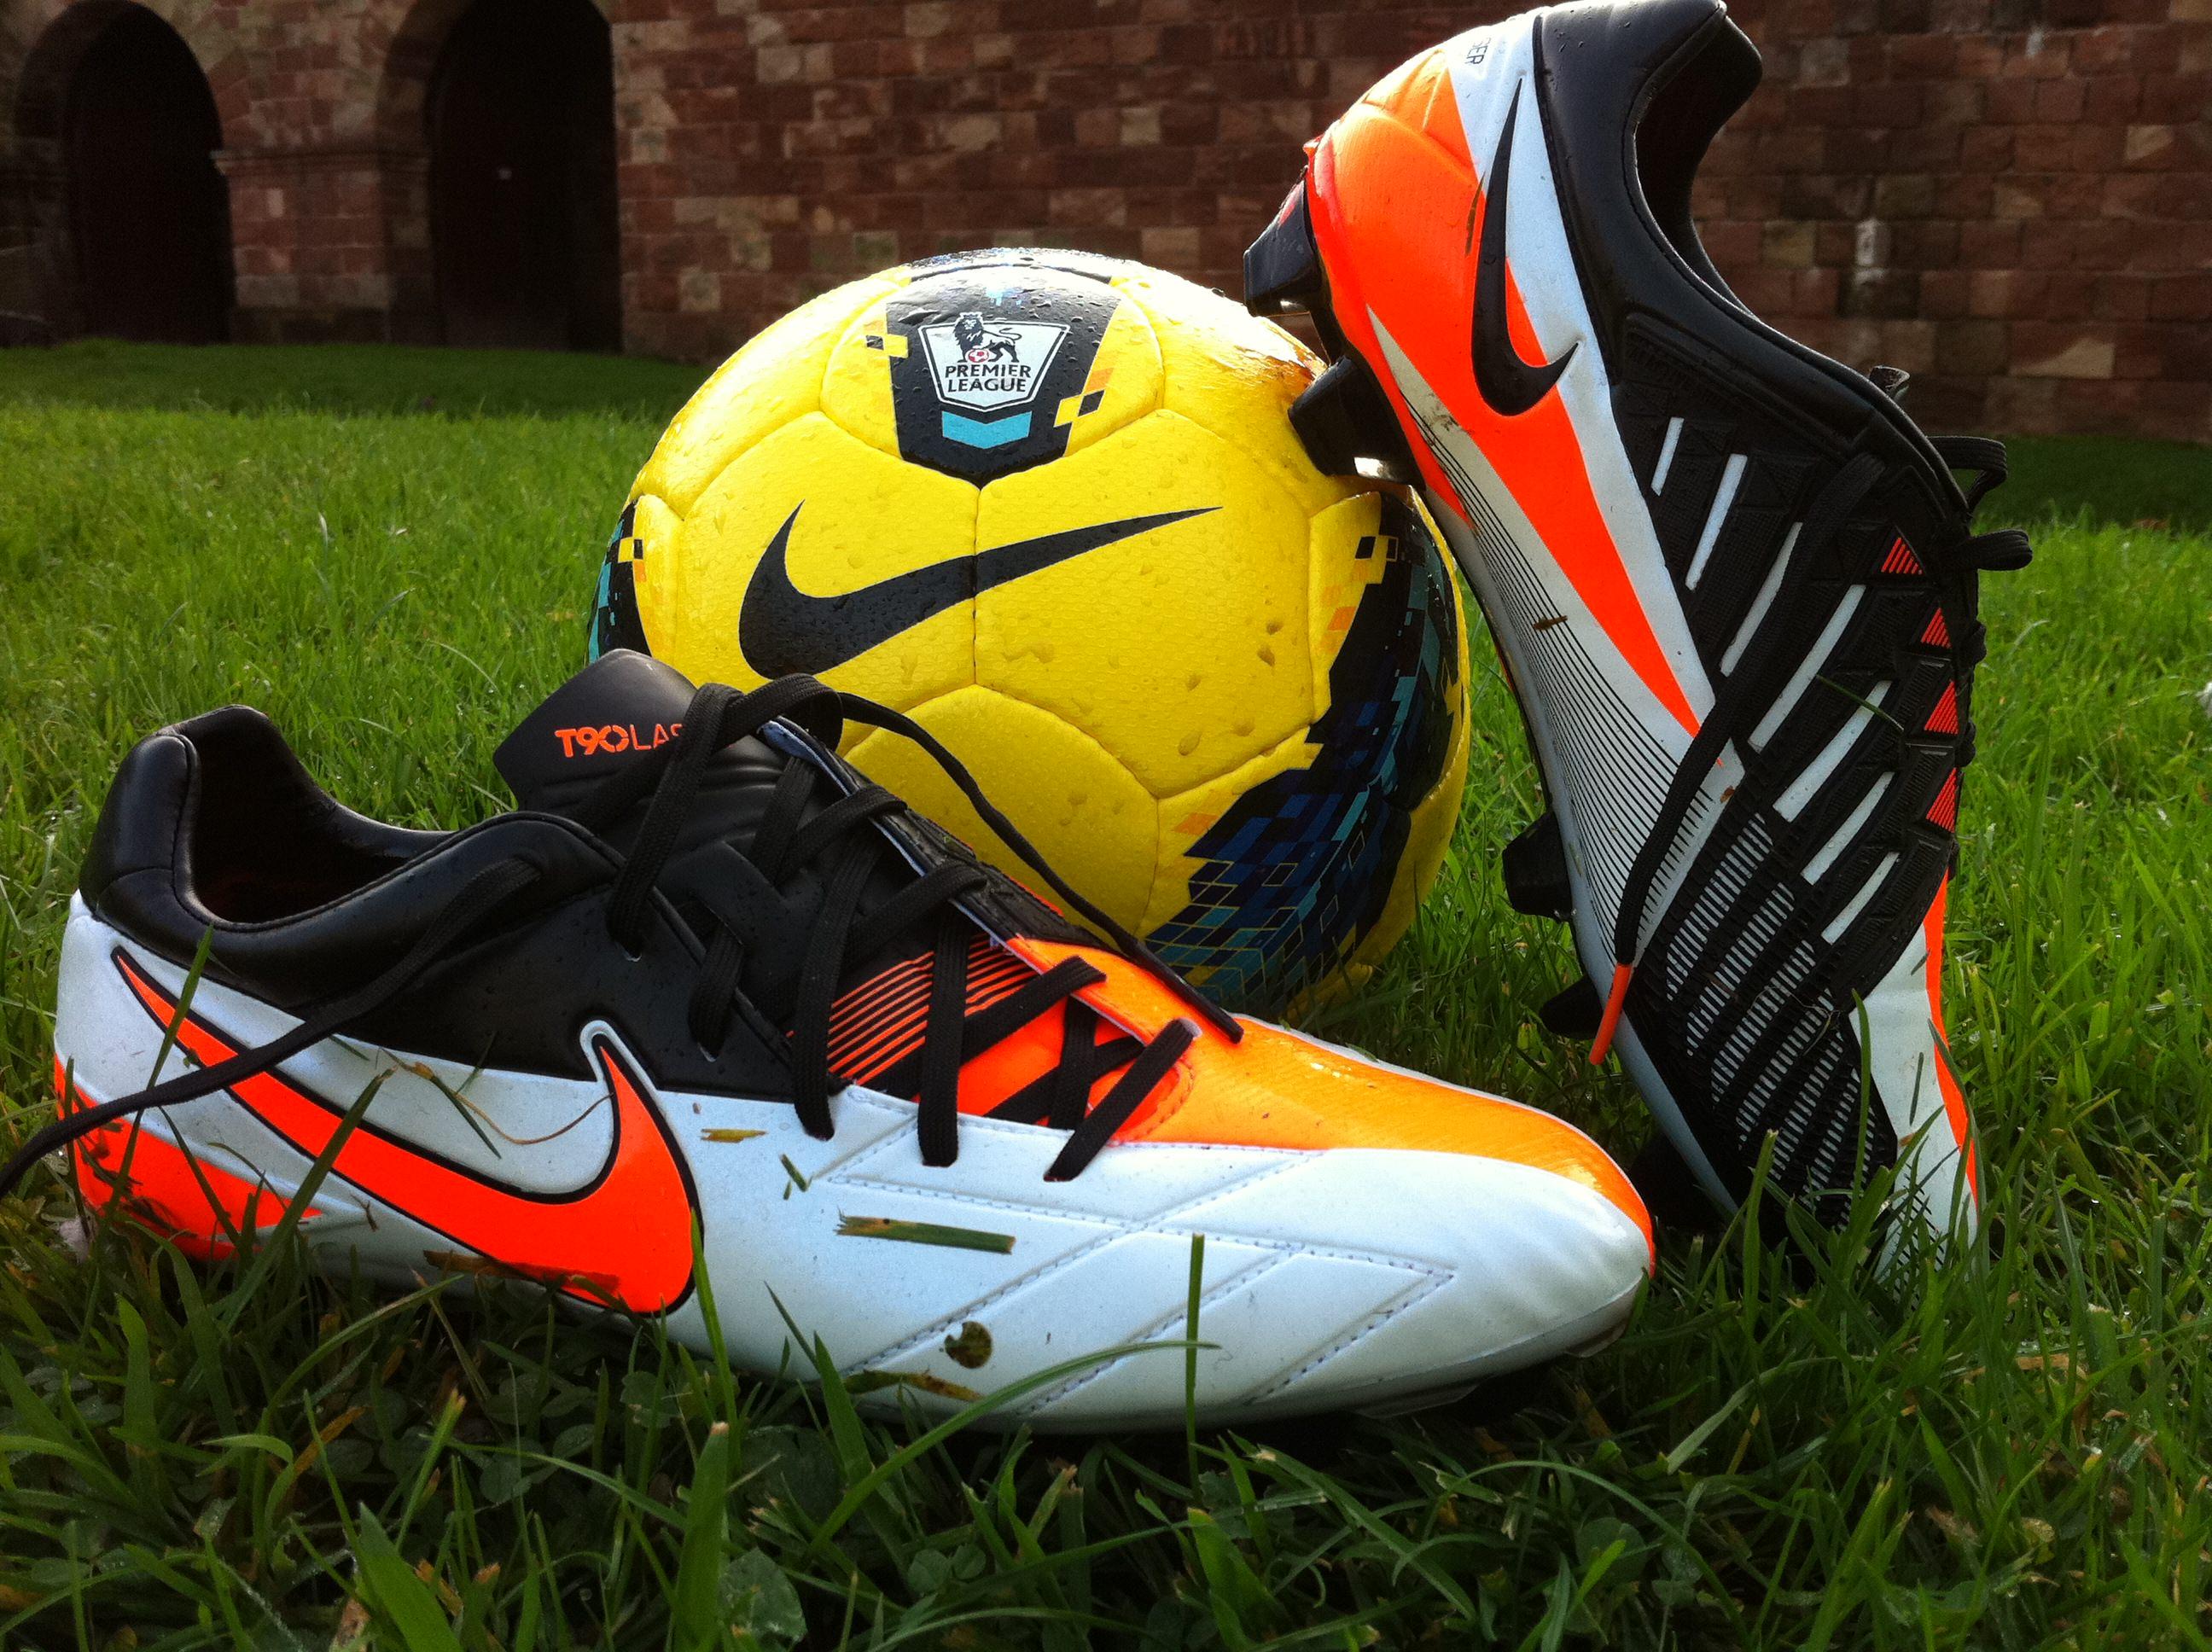 Nike T90 Laser IV Soccer Shoes